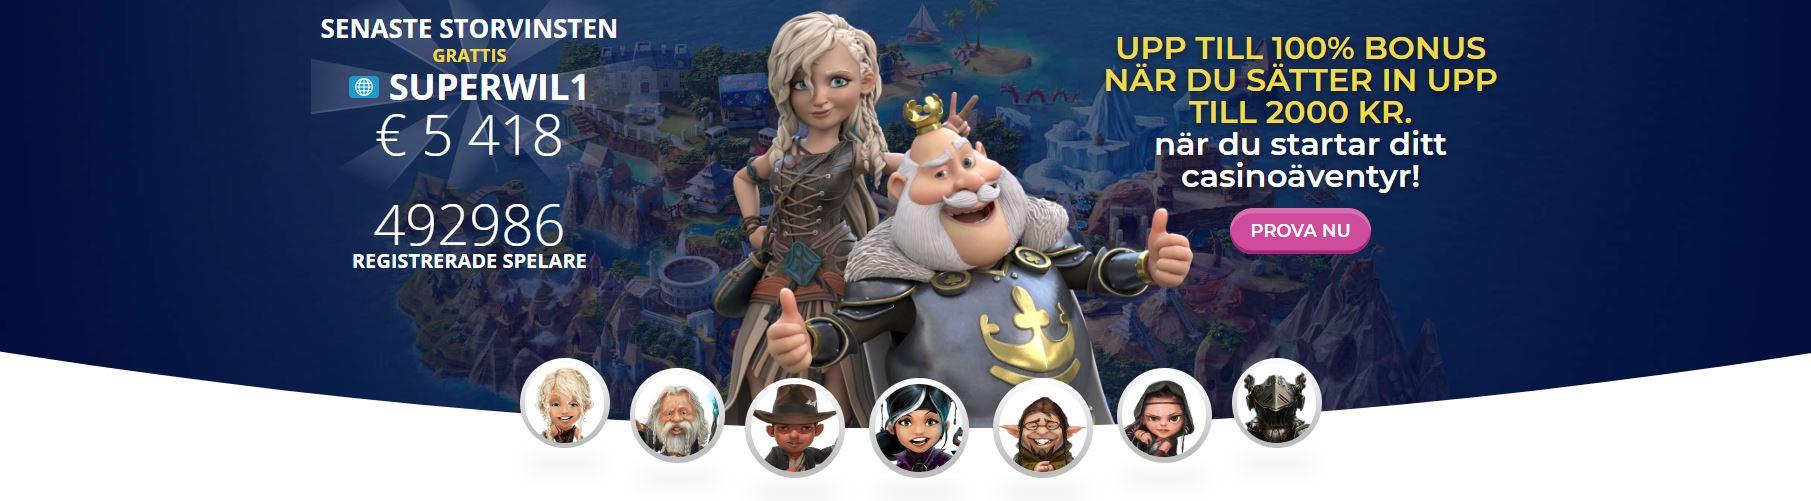 På bilden ser vi Casino Heroes startsida. Här syns ett antal olika tecknade karaktärer samt senaste stora vinsterna, välkomsterbjudandet och inloggningsknappen.